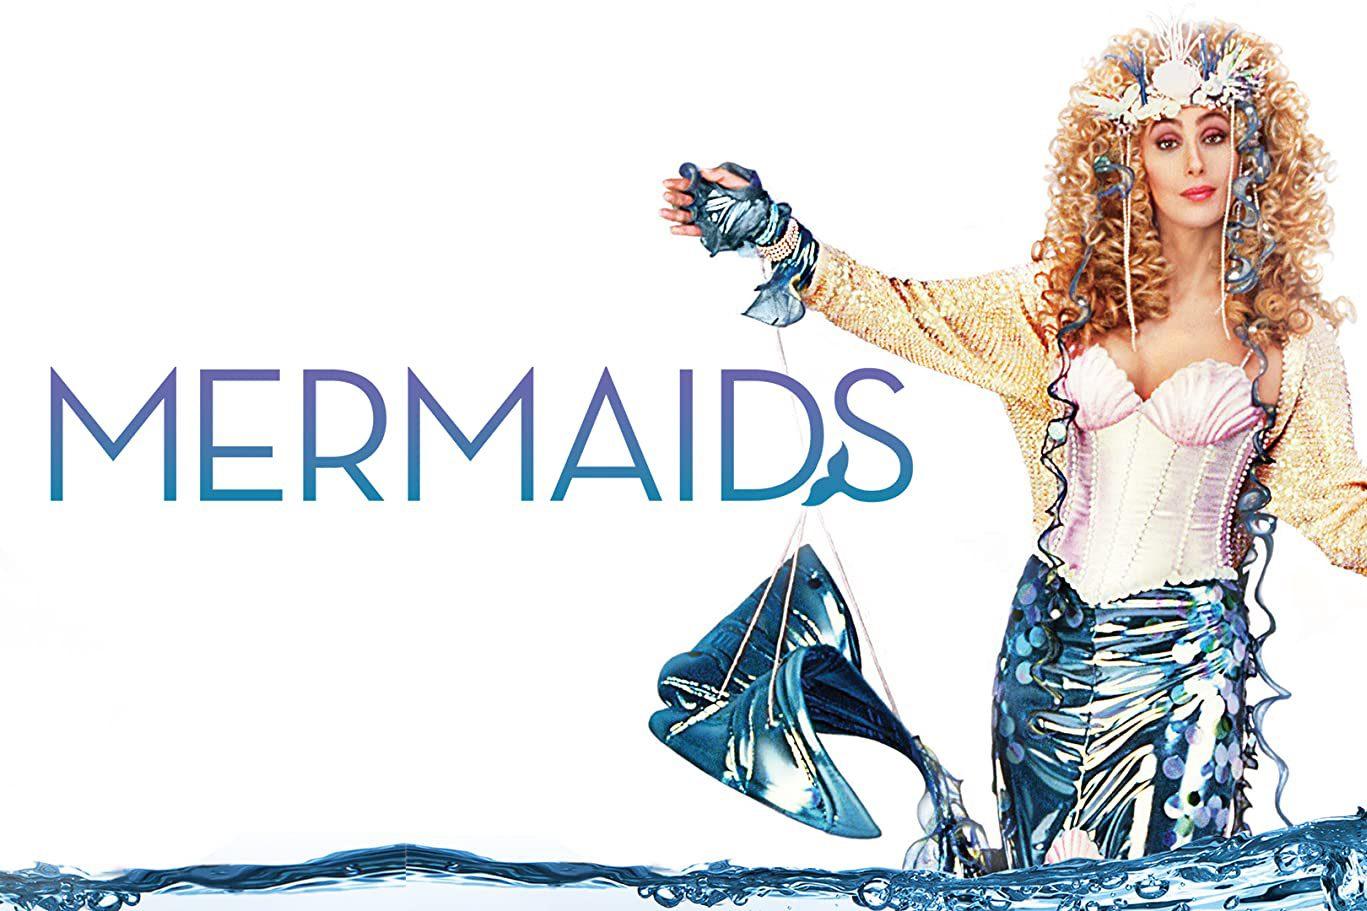 22. Mermaids (1990)